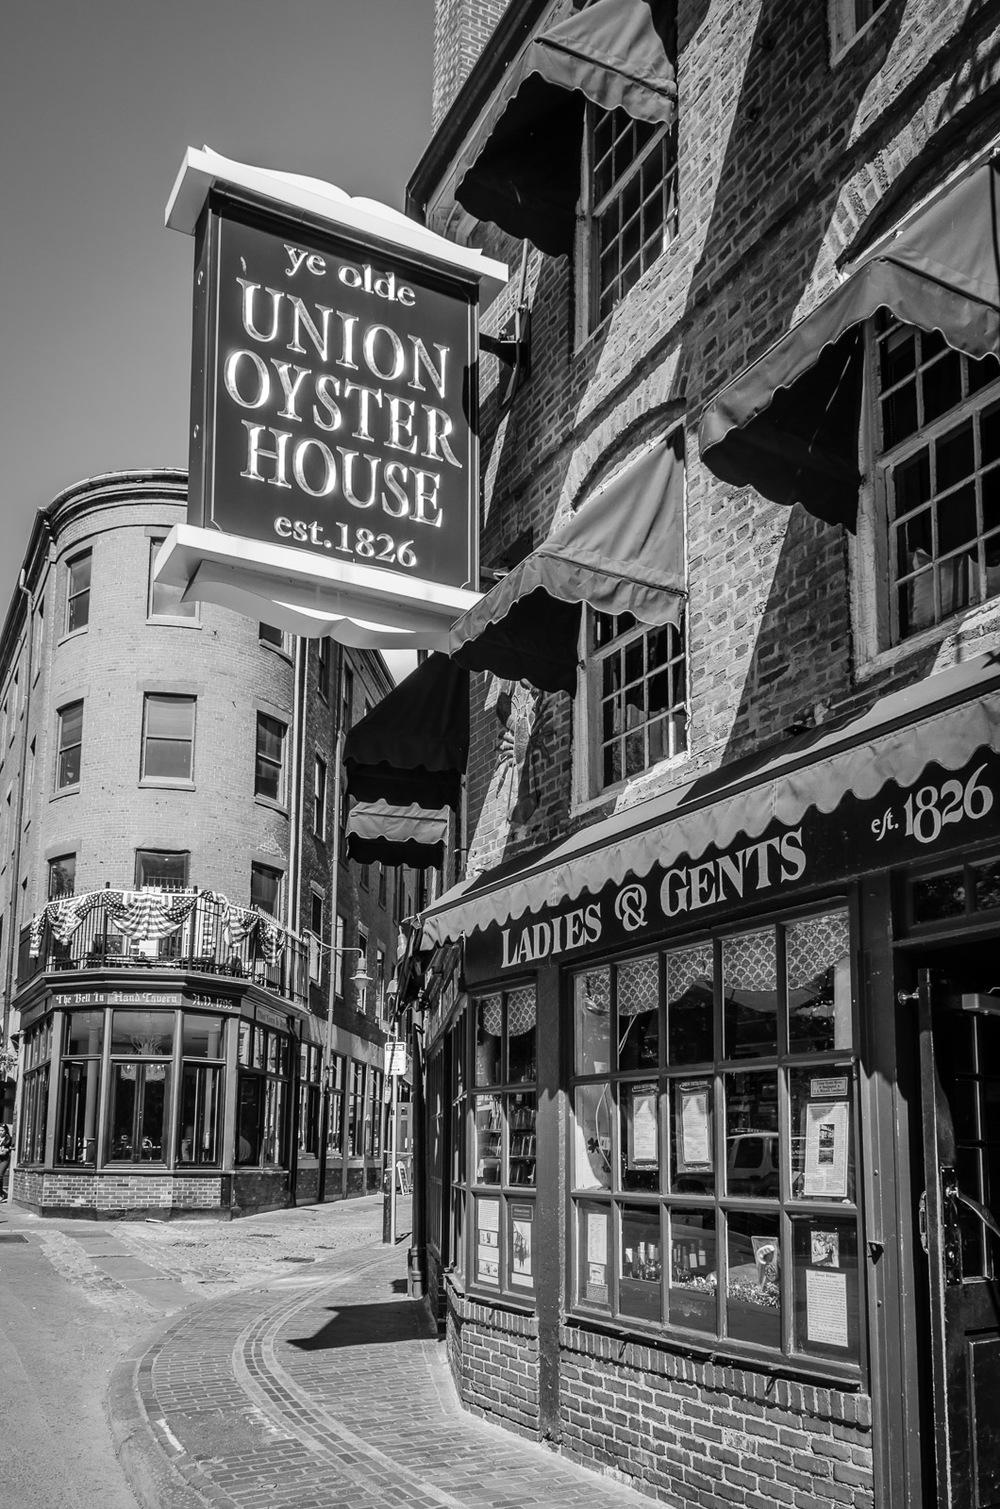 Union Oyster House, Boston, Massachusetts